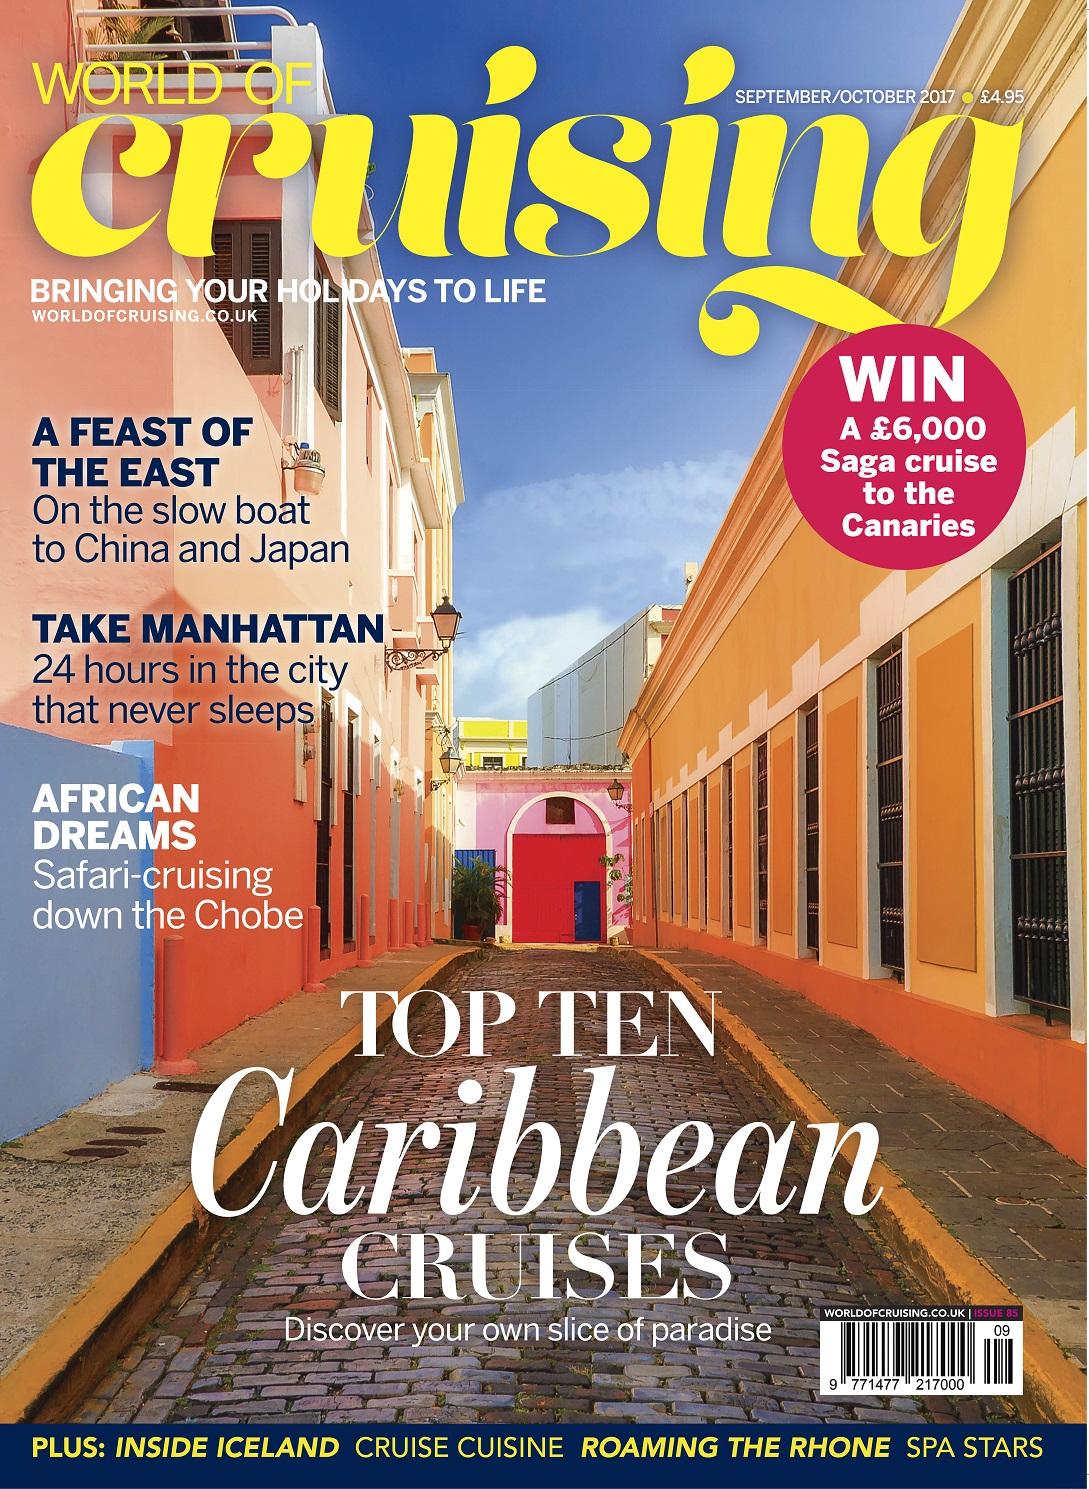 World of Cruising September 2017 issue